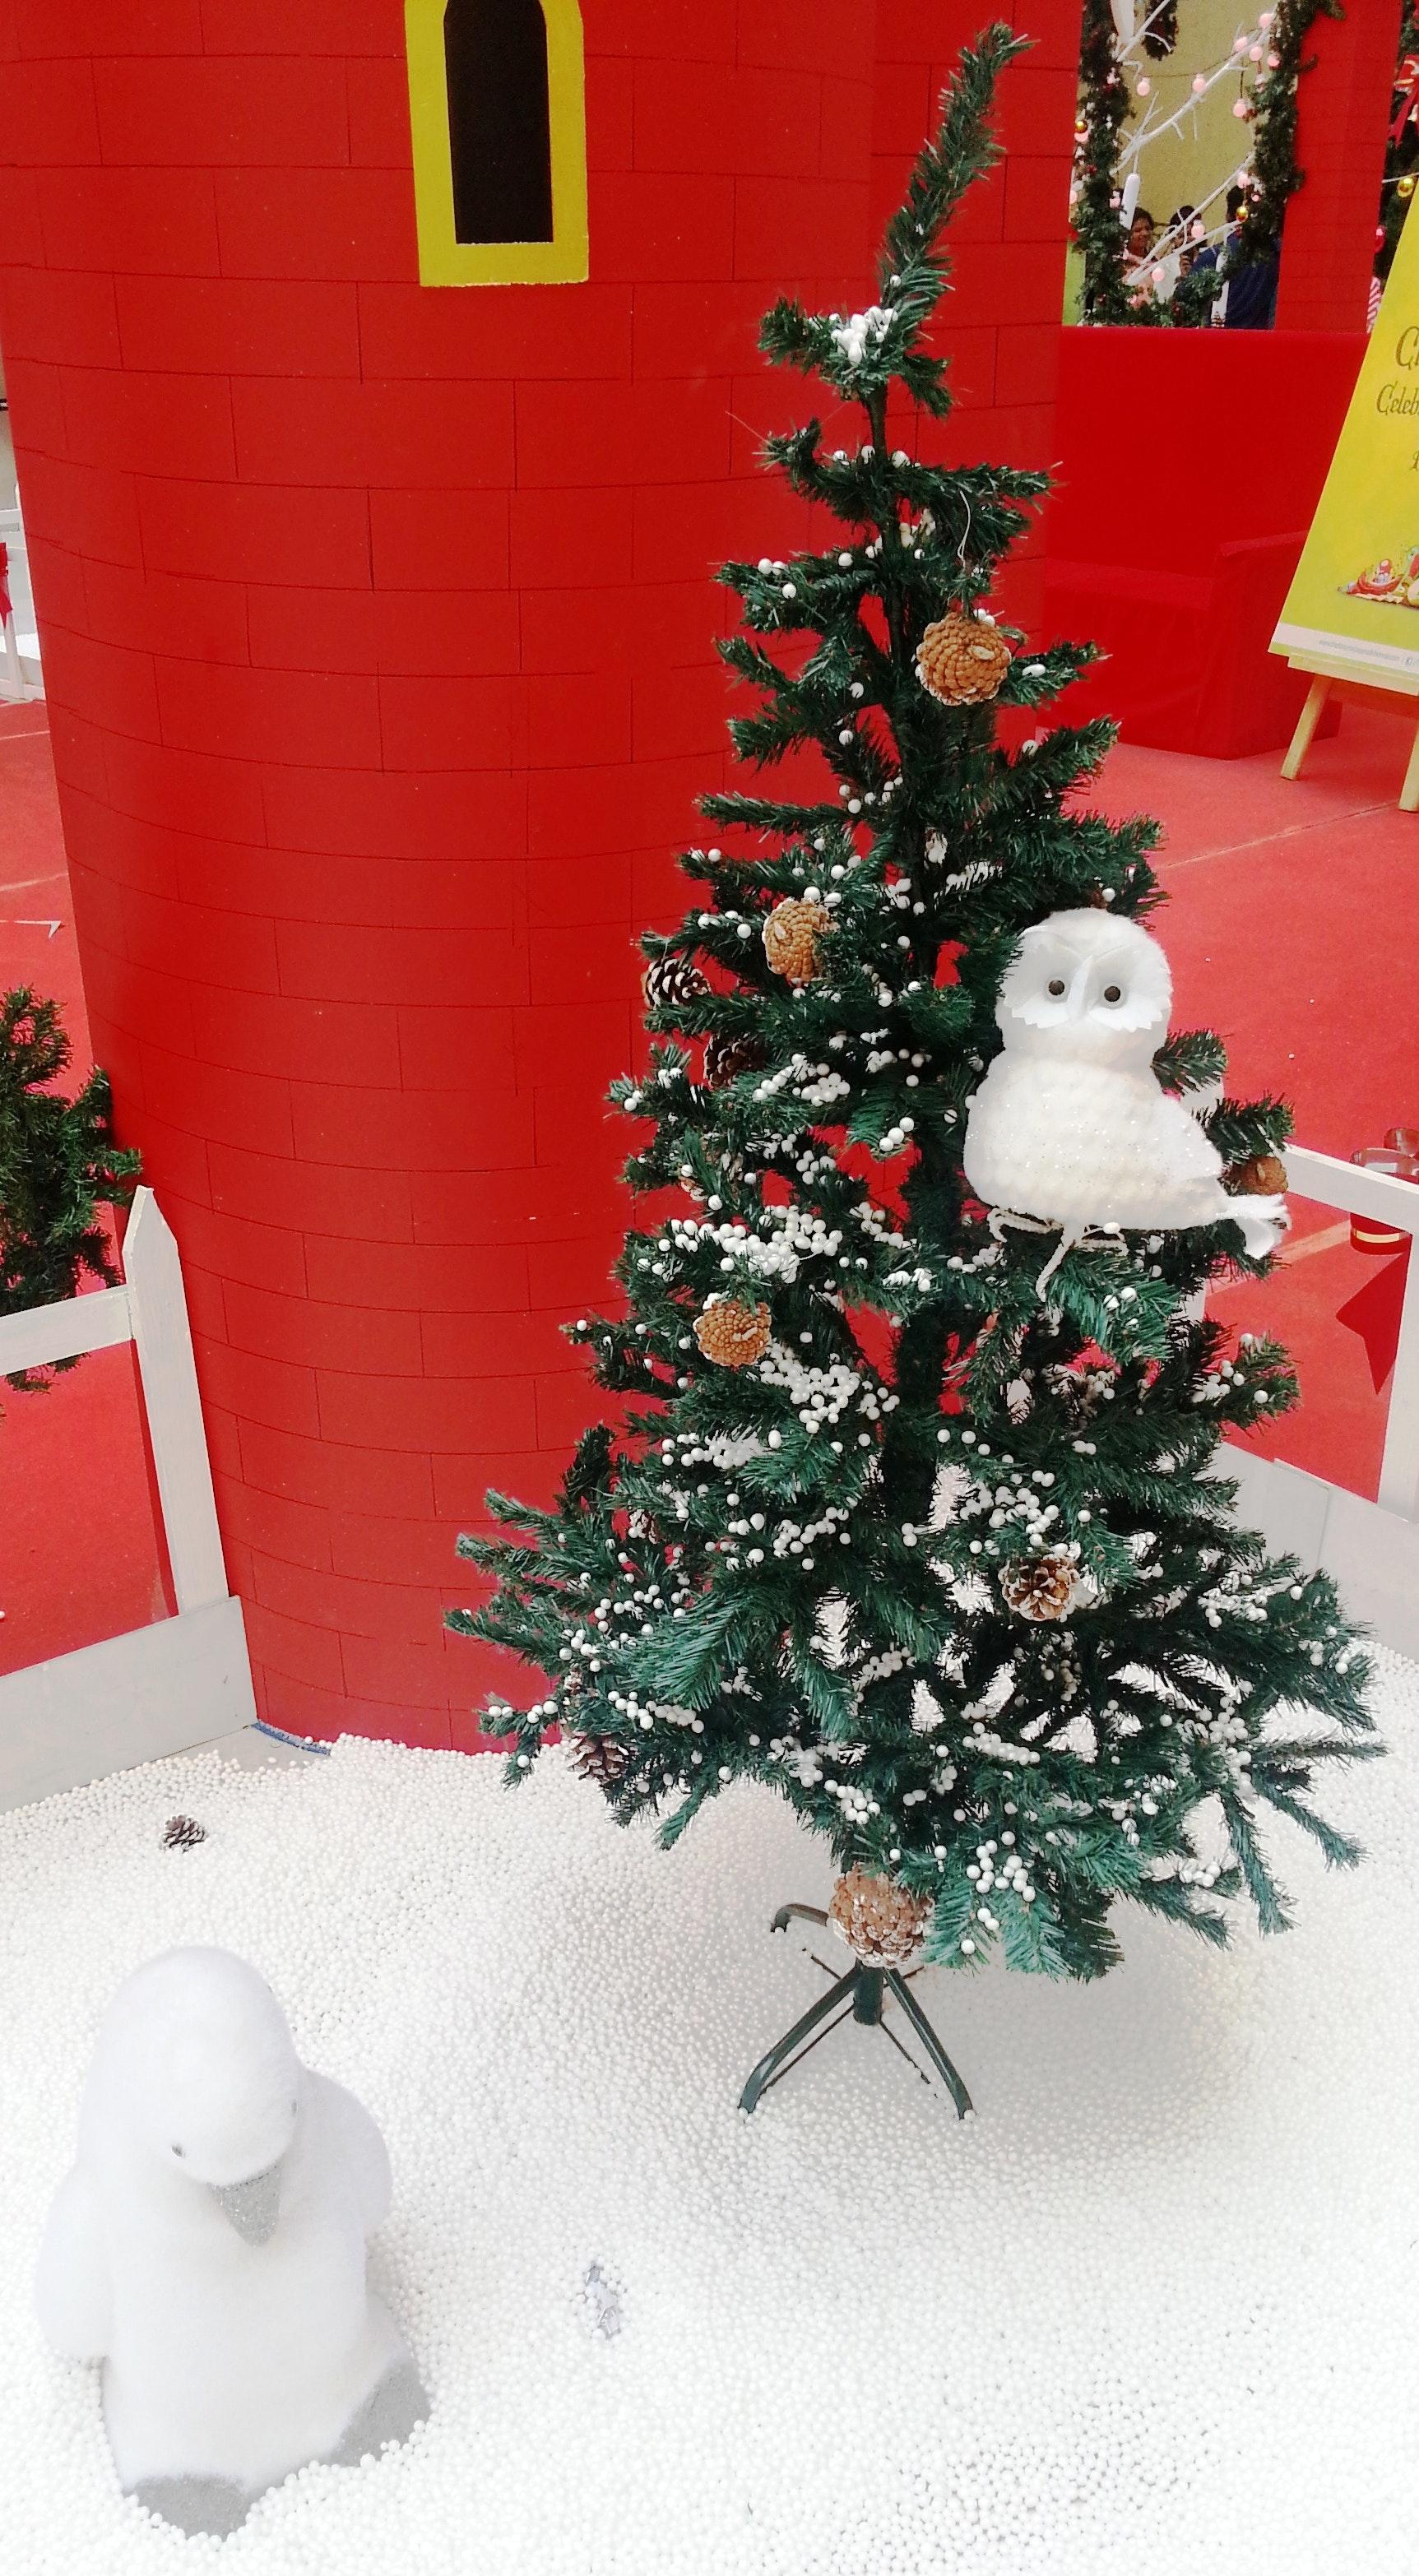 Weihnachten Hd Bilder.Kostenloses Foto Zum Thema Hd Wallpaper Weihnachten Weihnachtsbaum